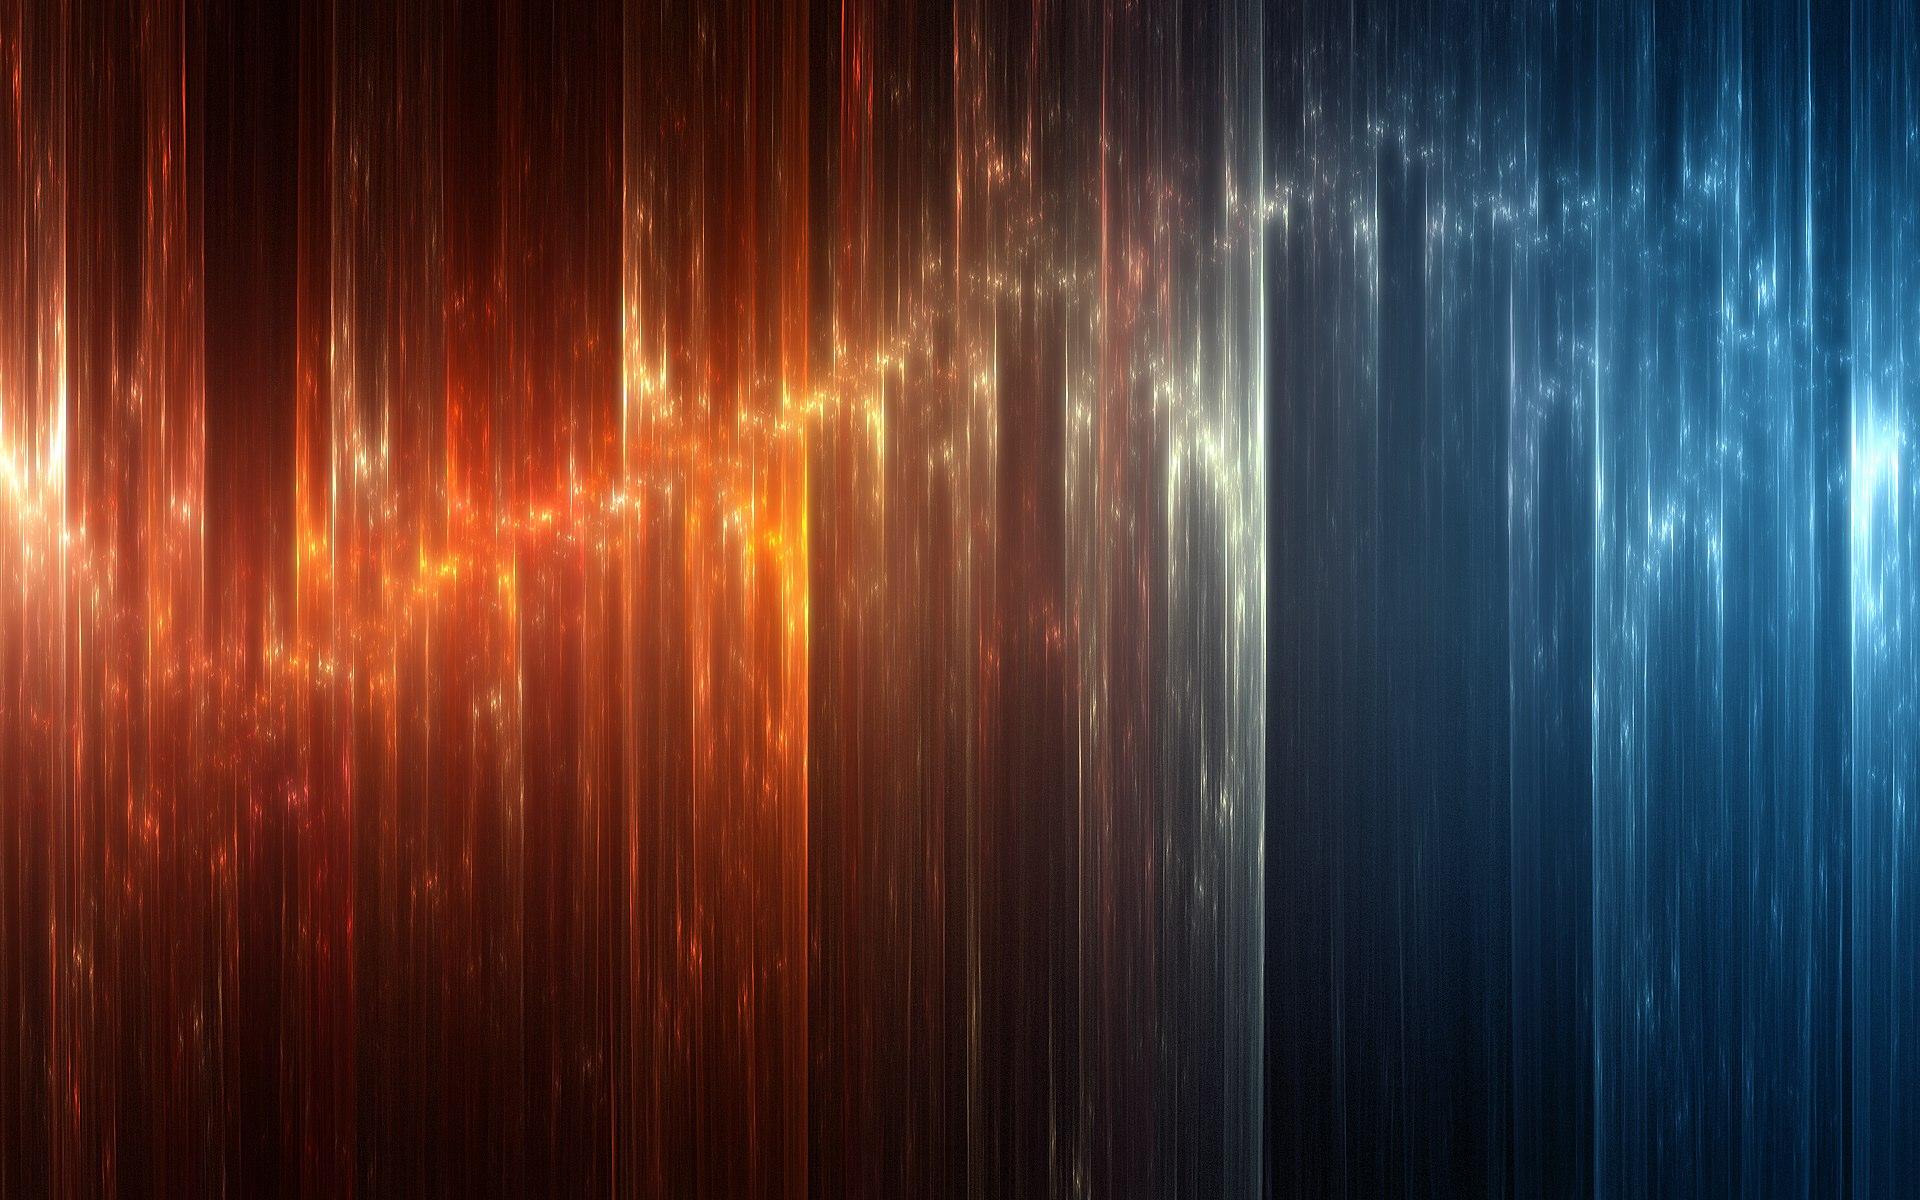 Abstract Light Wallpaper HD